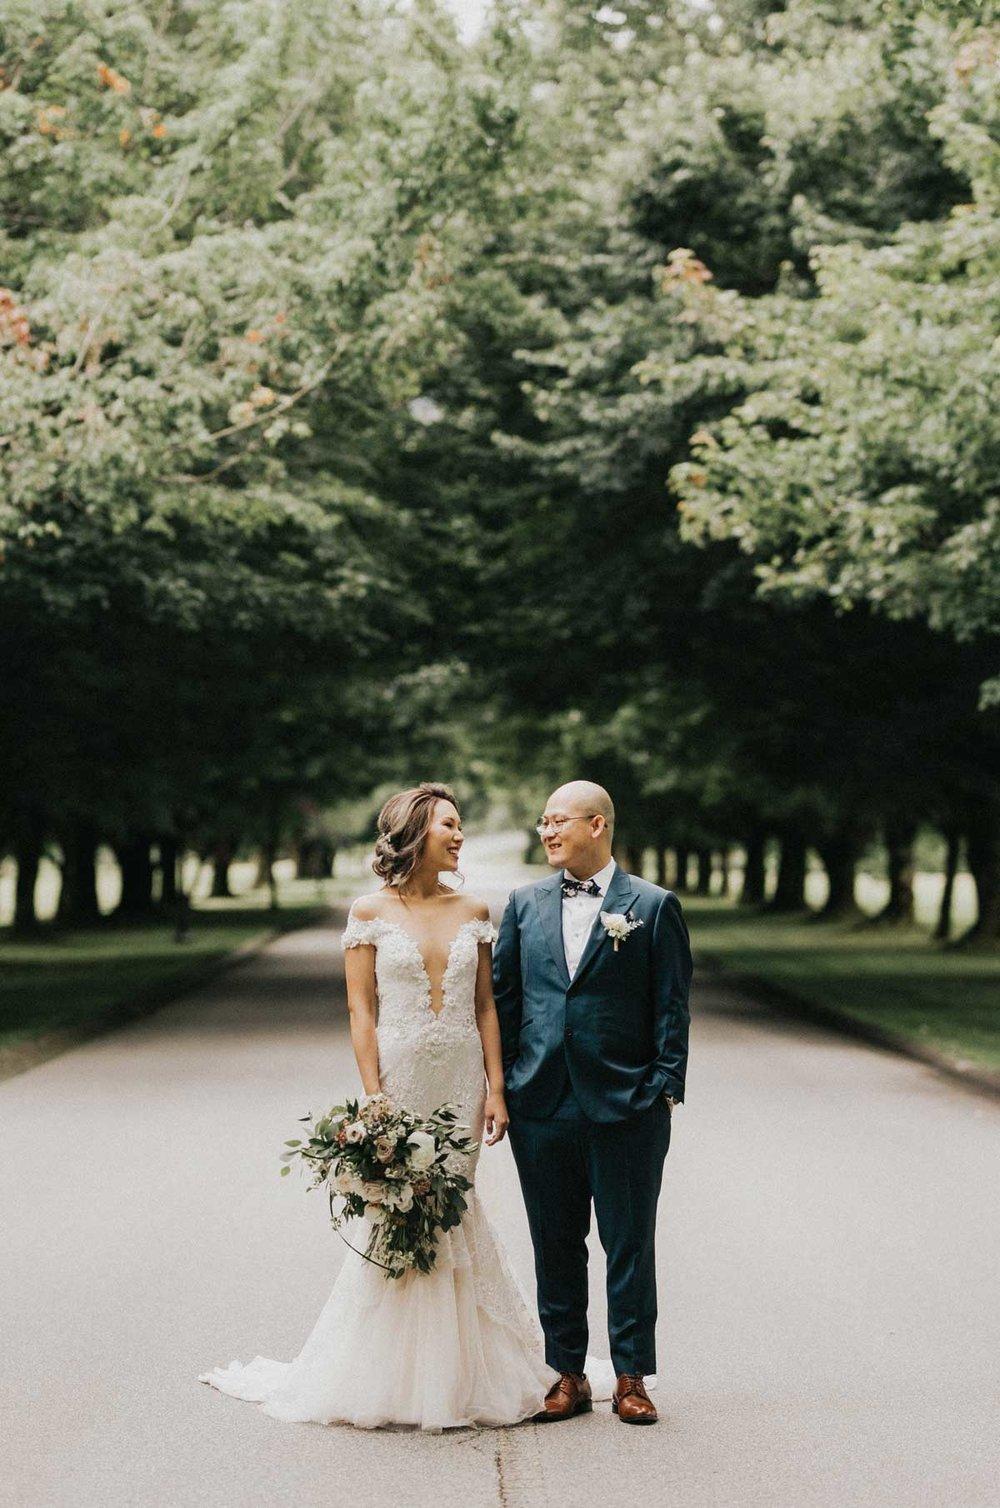 swaneset_bride_groom_wedding.jpg